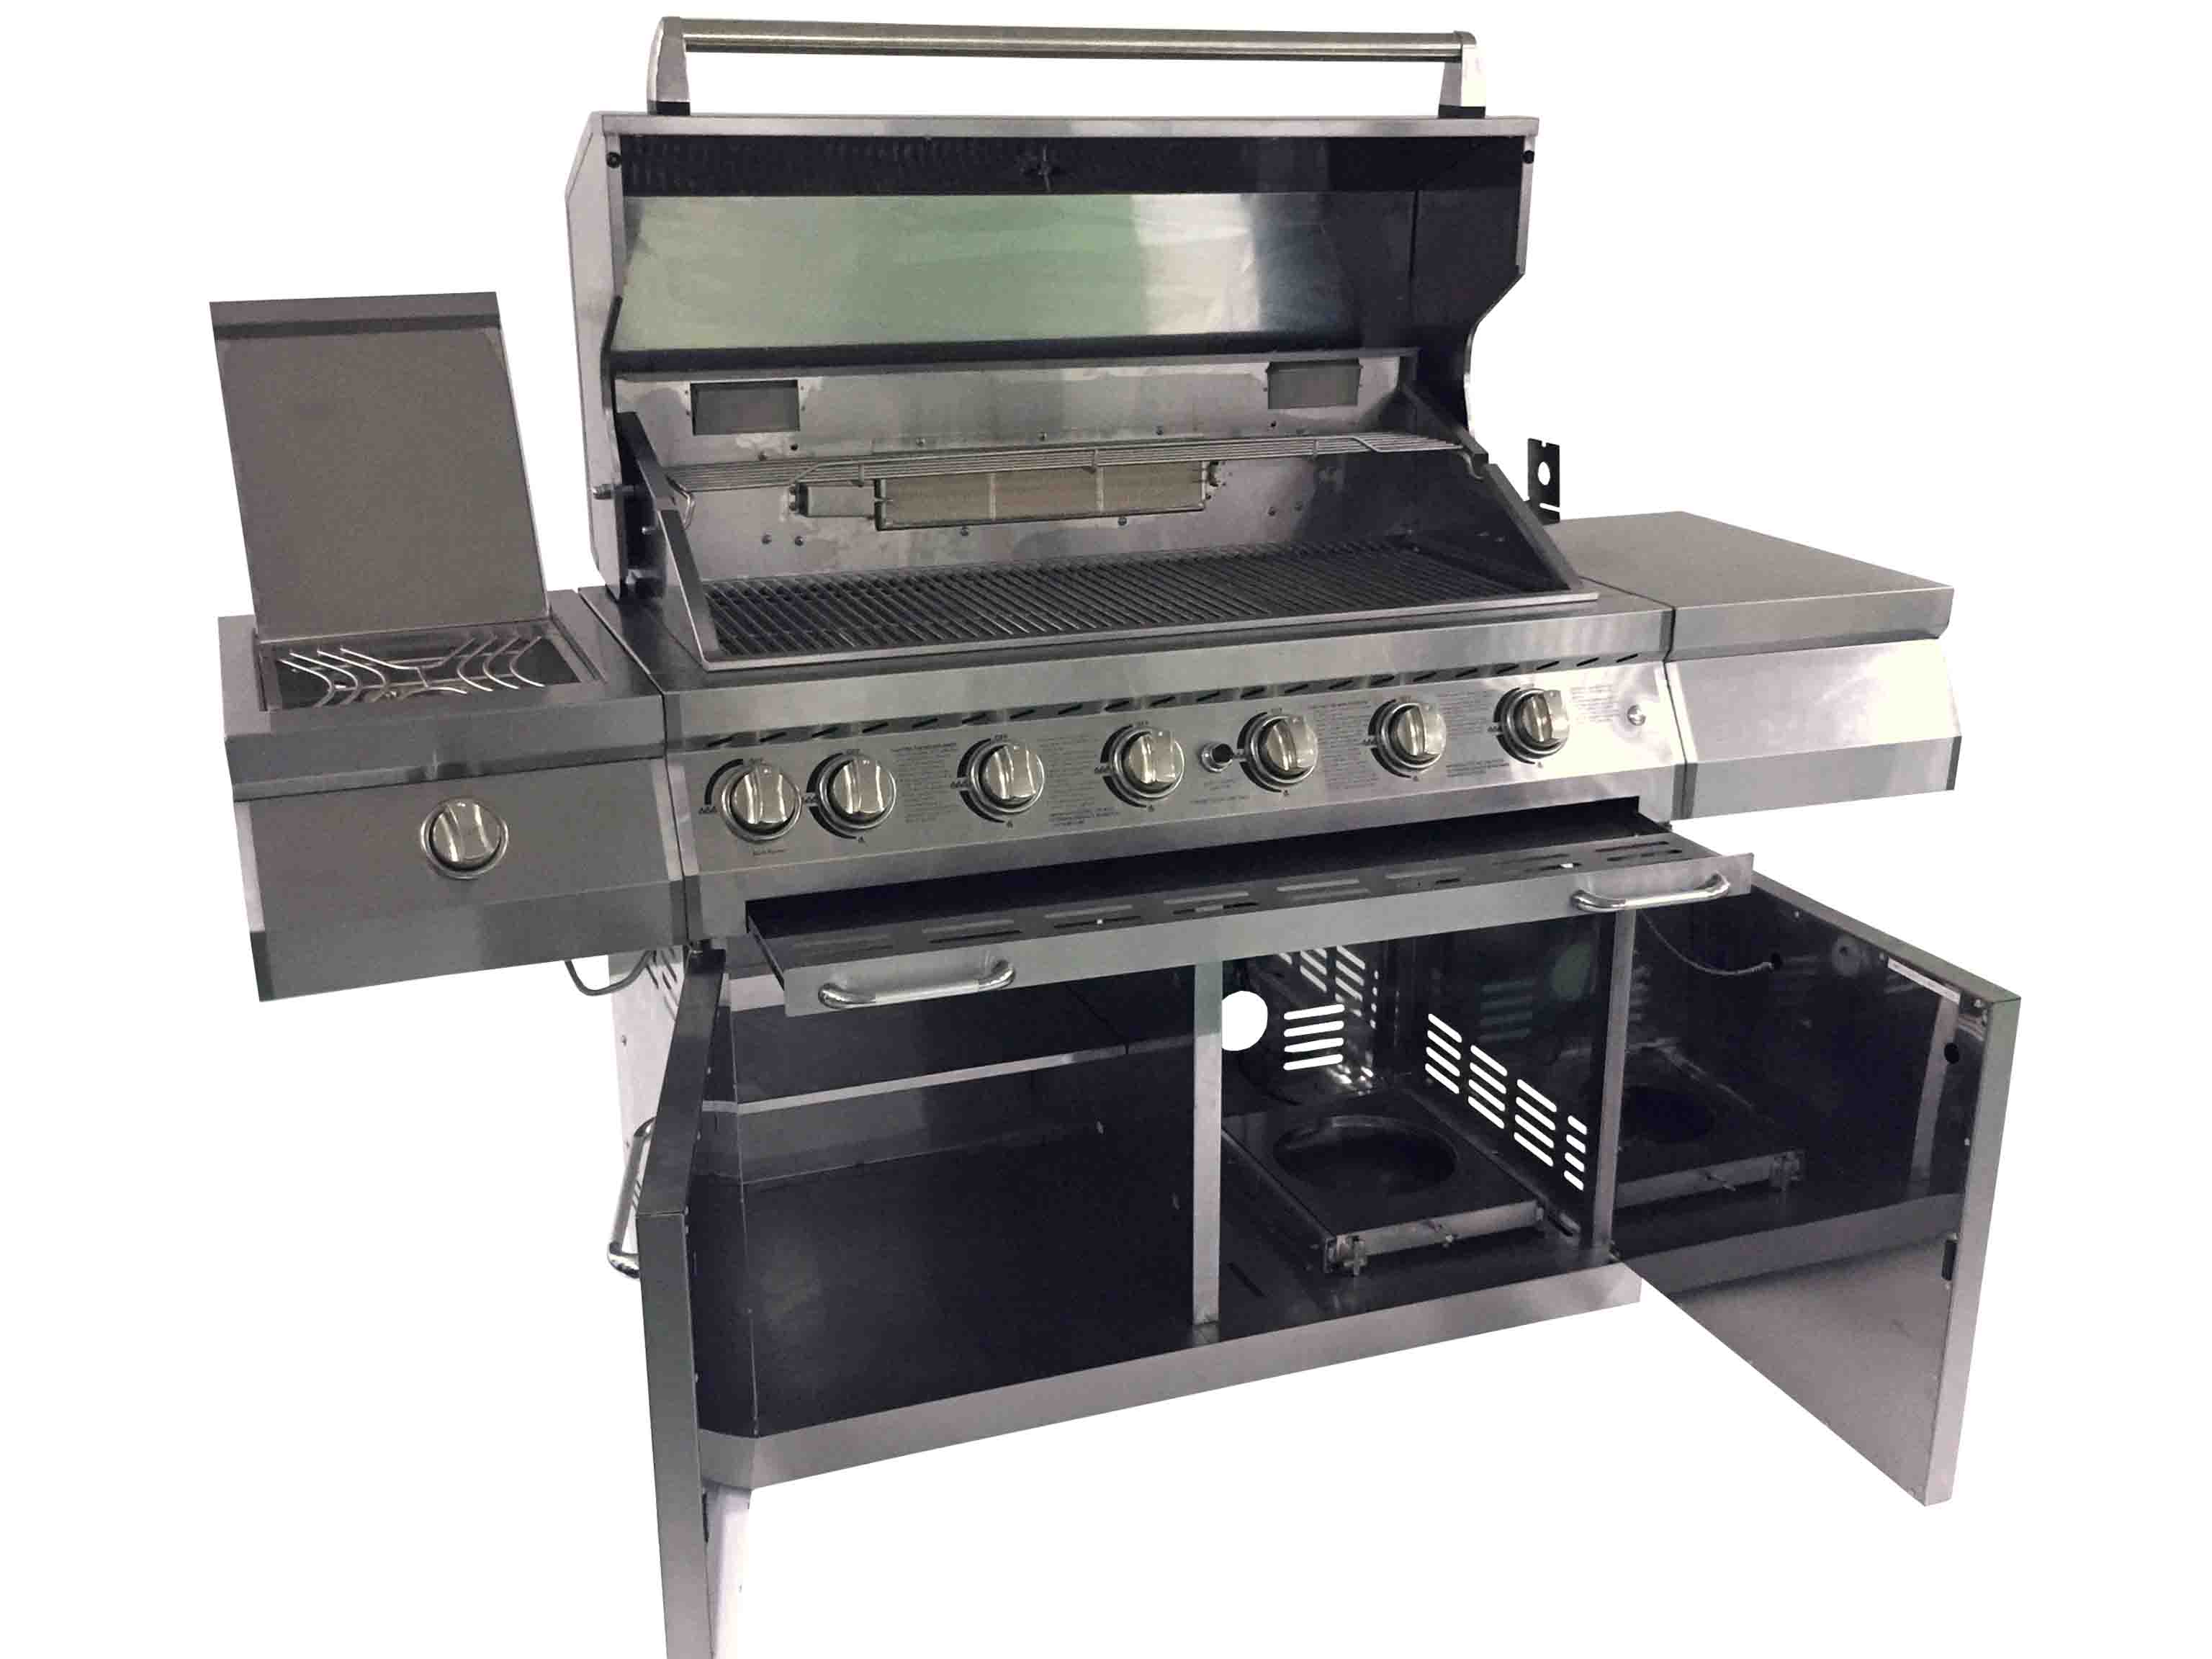 edelstahl gasgrill 6 brenner jumbo grill grillwagen griller backburner keramik 4 ebay. Black Bedroom Furniture Sets. Home Design Ideas